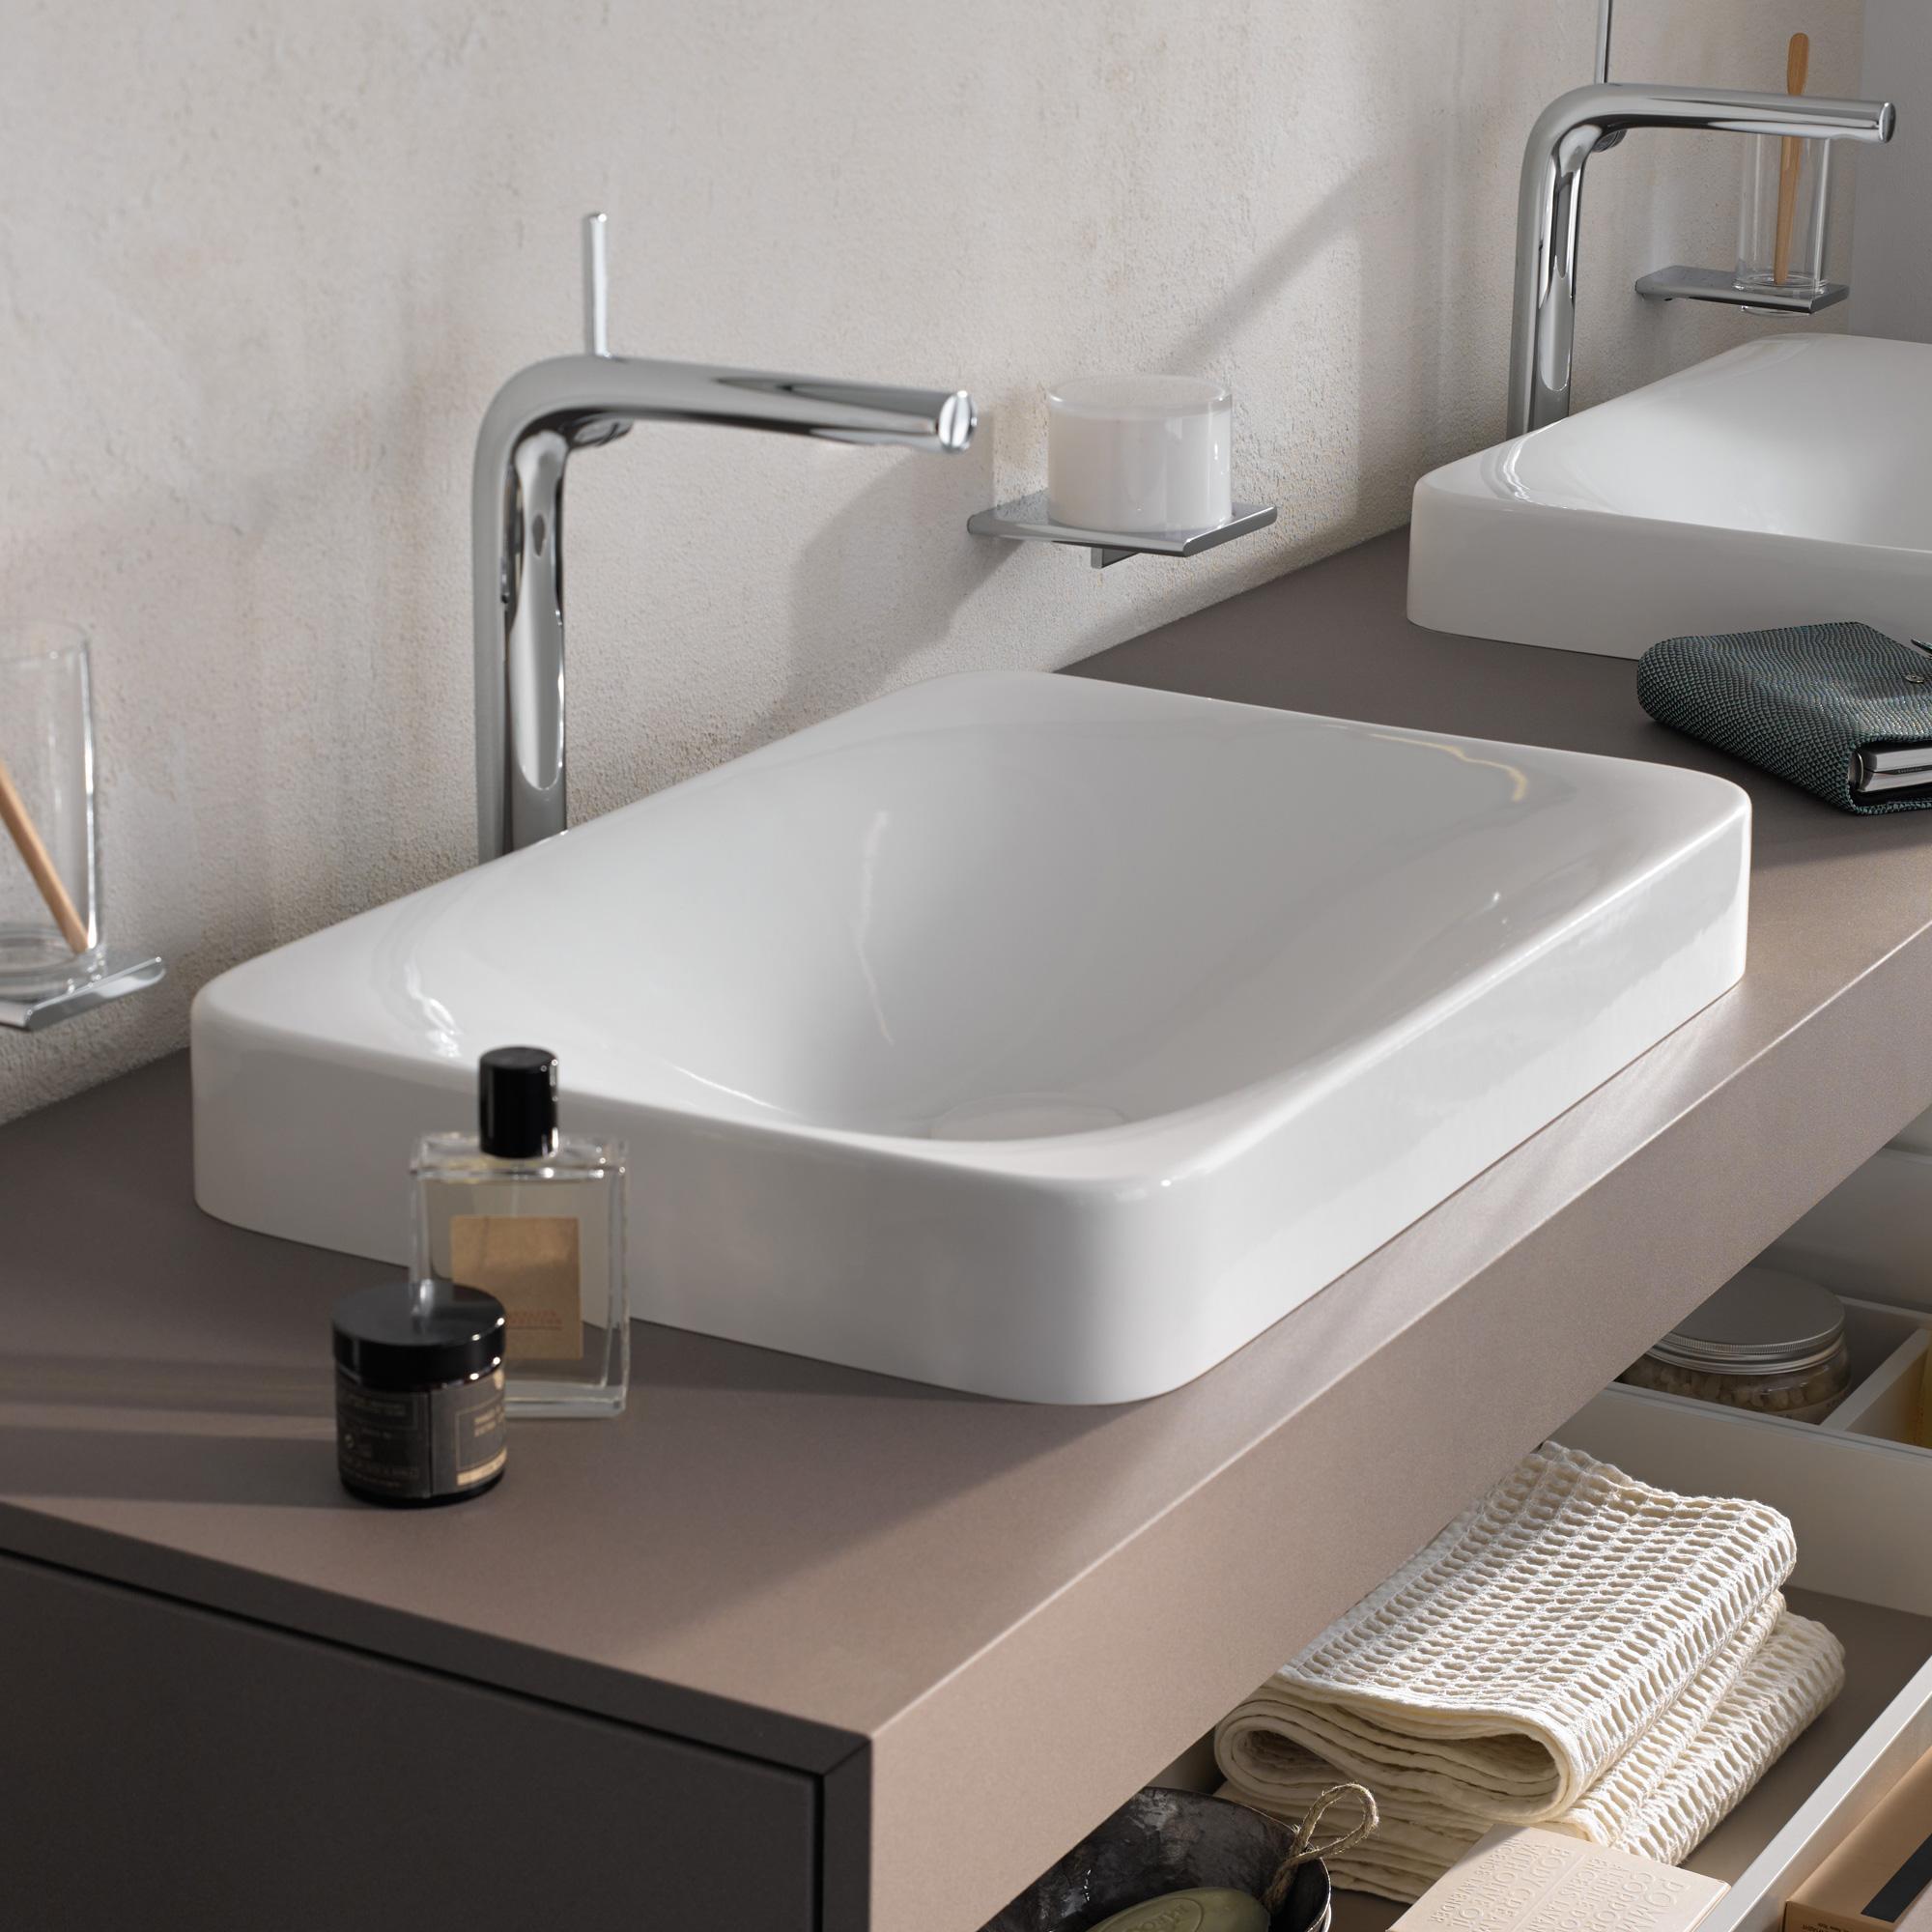 keuco edition 400 einbauwaschtisch 31570317500 reuter onlineshop. Black Bedroom Furniture Sets. Home Design Ideas